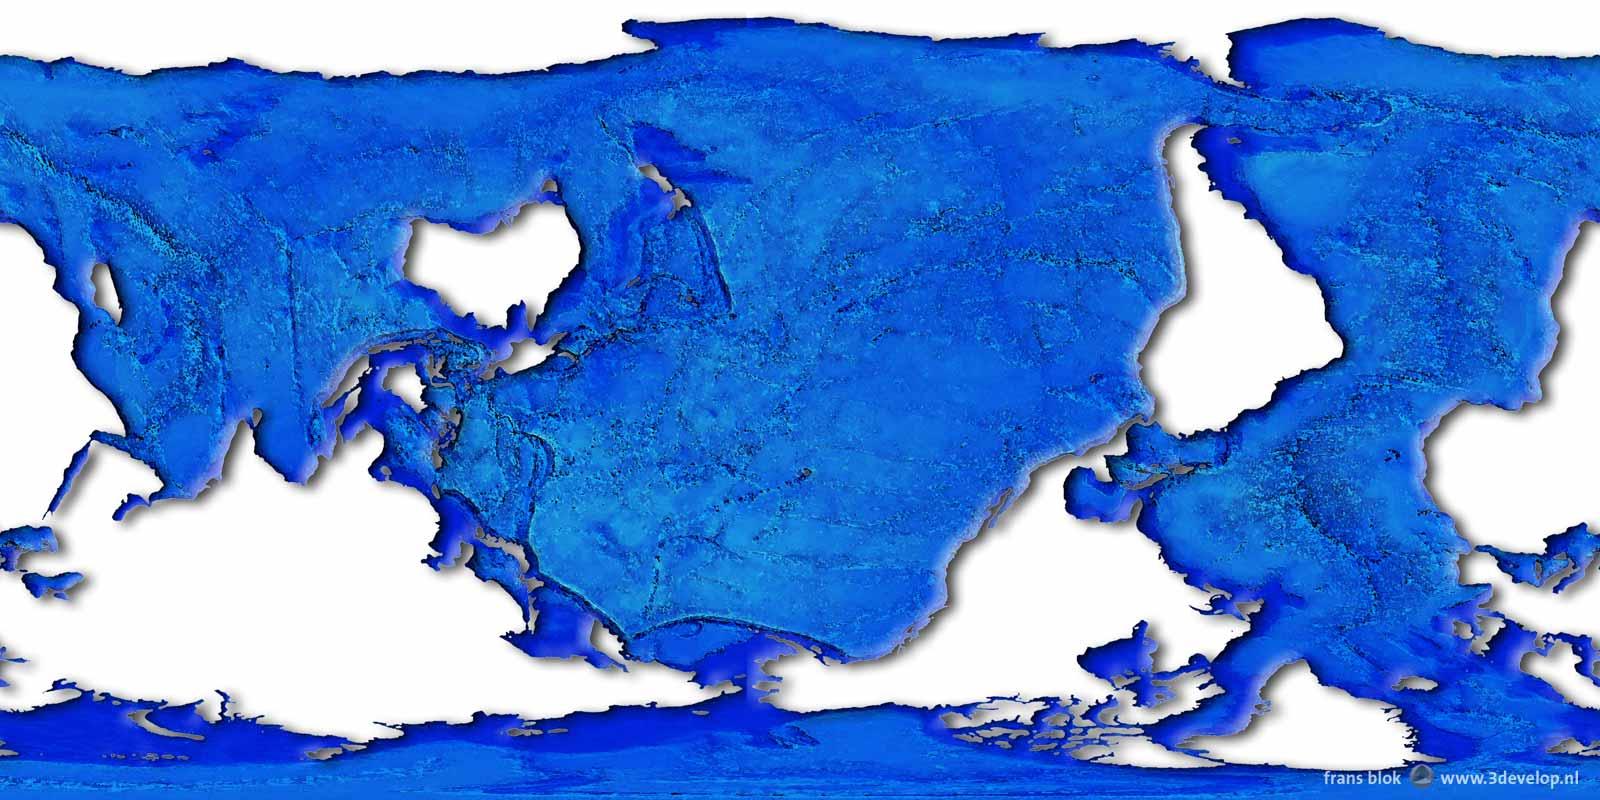 Een wereldkaart zoals dolfijnen 'm zouden maken: een netwerk van oceanen en zeen met wat terra incognita er in; de Grote Oceaan in het midden, de Indische en Atlantische Oceaan terzijde